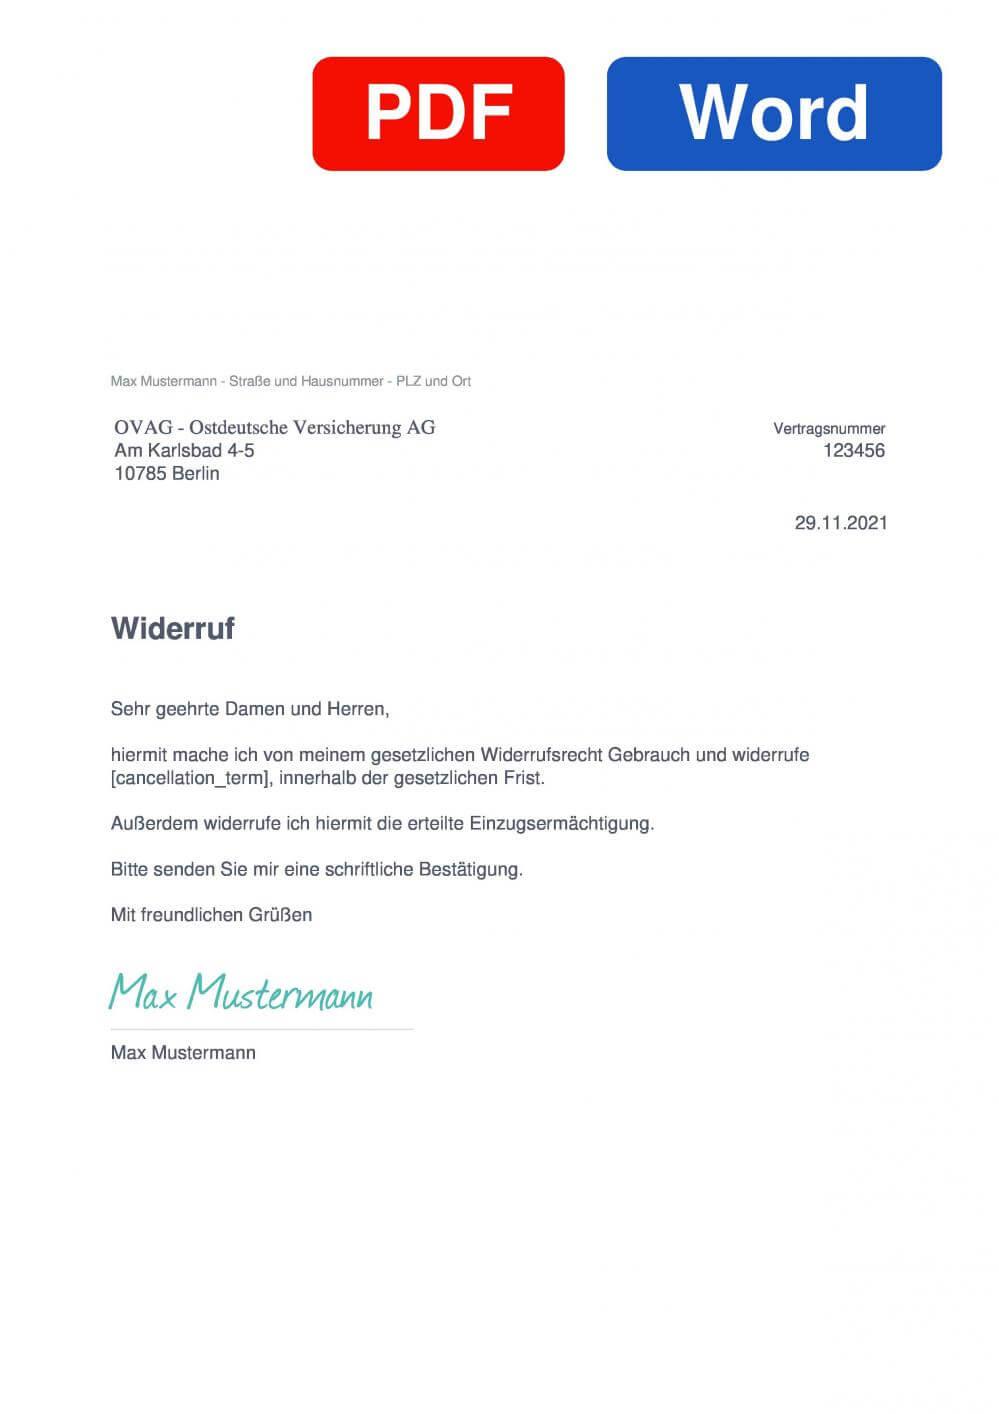 Bavaria Direkt Muster Vorlage für Wiederrufsschreiben